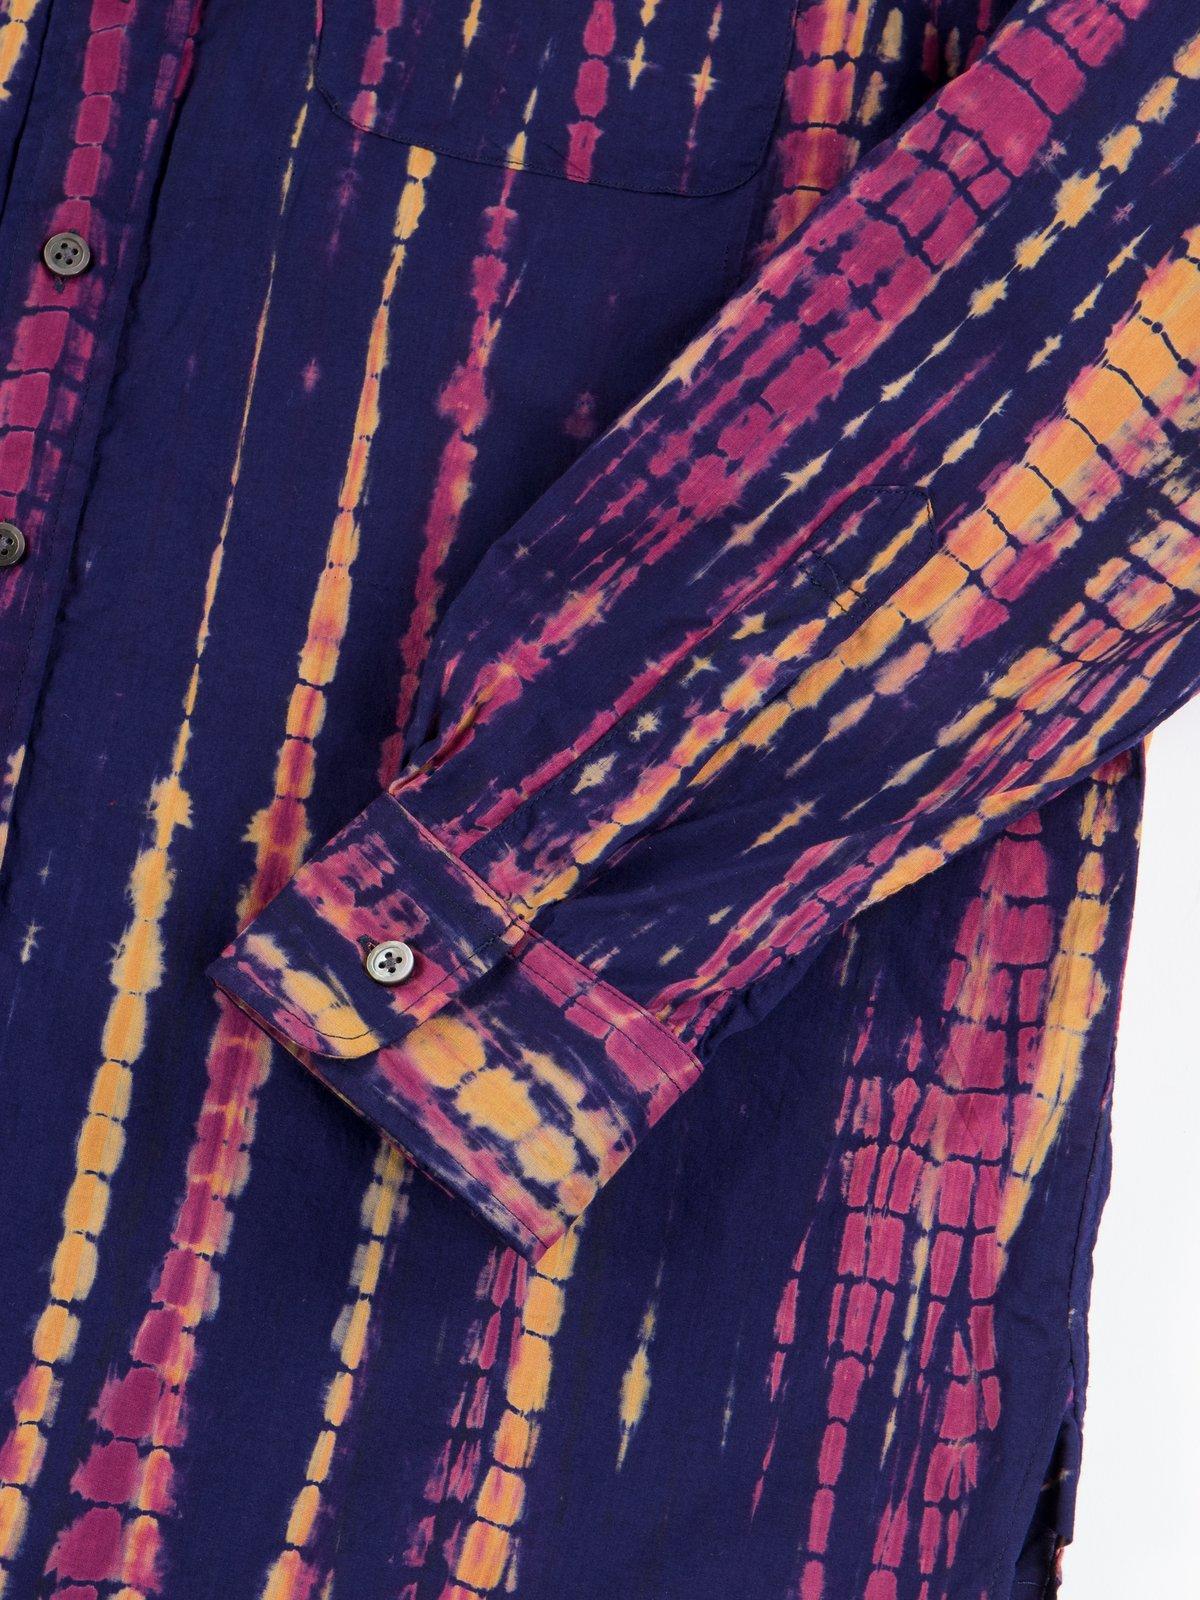 Navy Cotton Lawn Batik Stripe 19th Century BD Shirt - Image 4